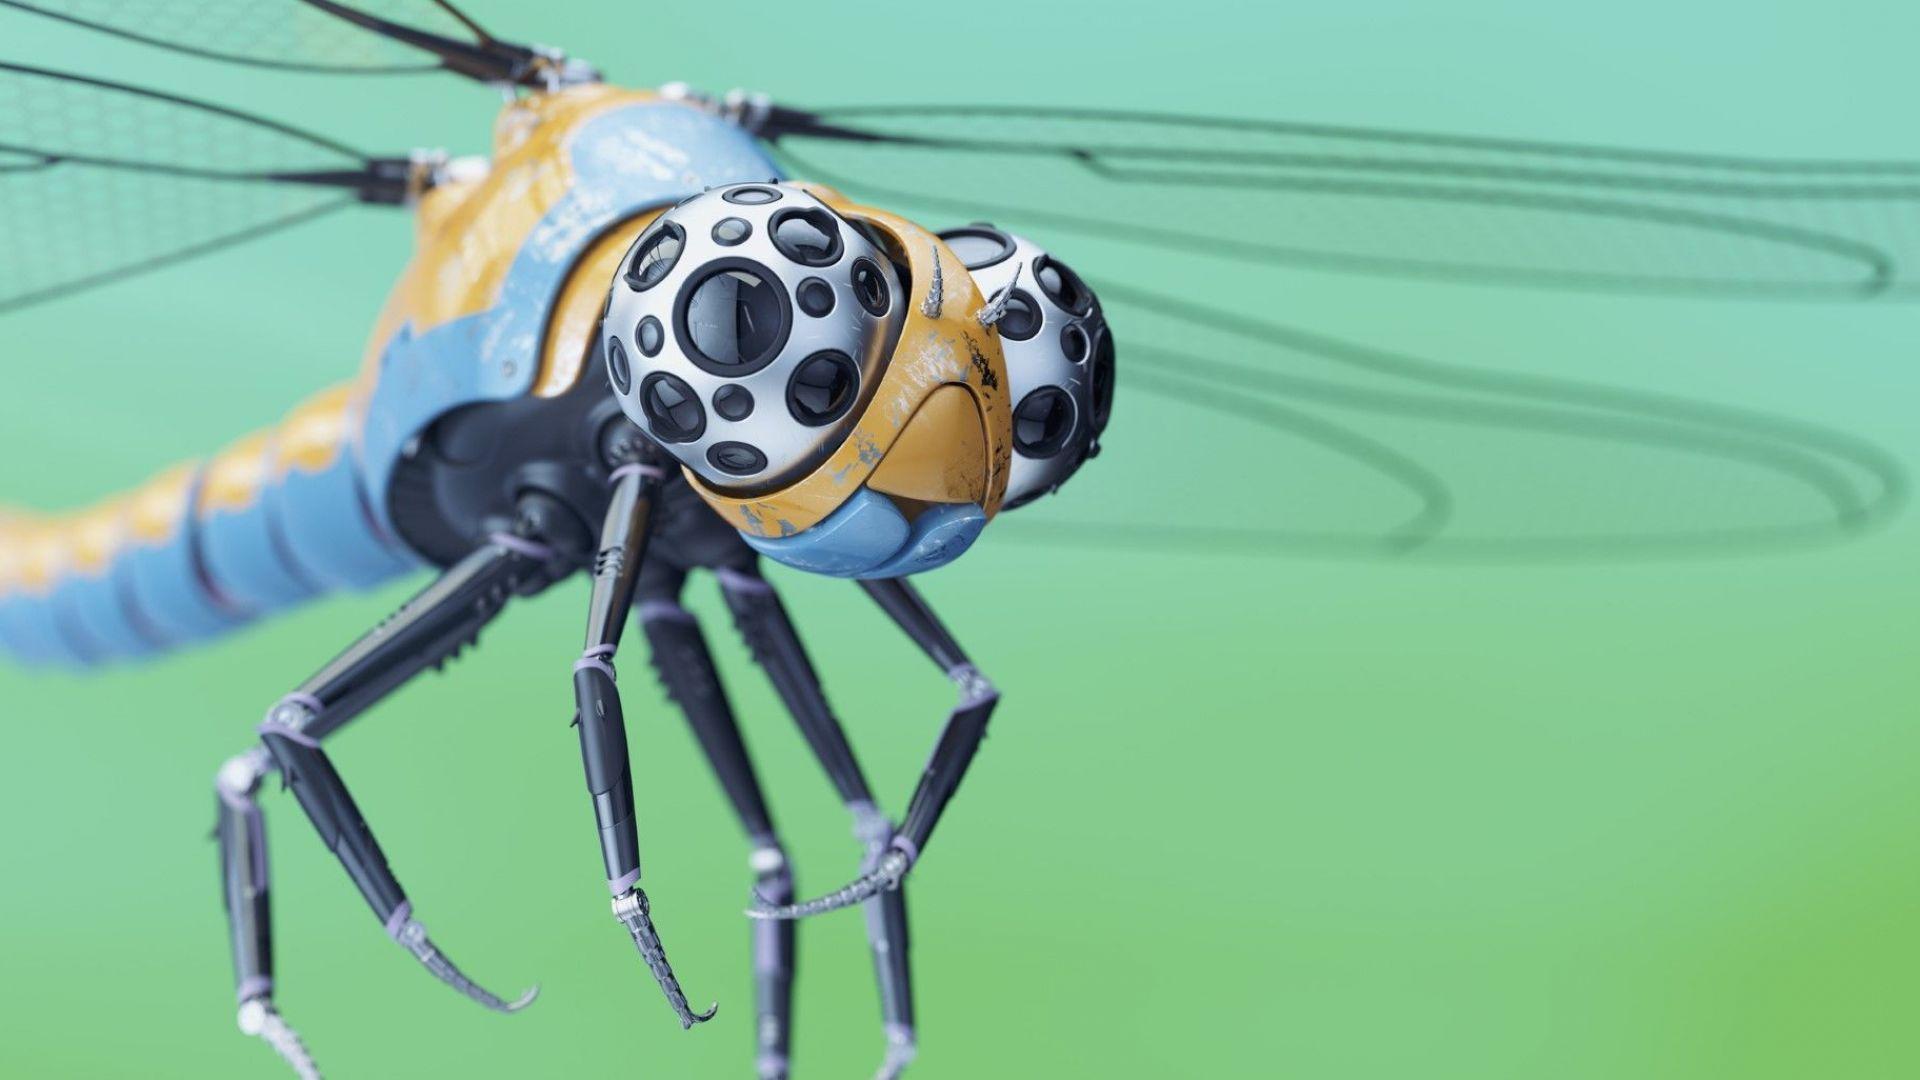 Изкуствени мускули задвижват роботизирани насекоми със скорост 3 см/секунда